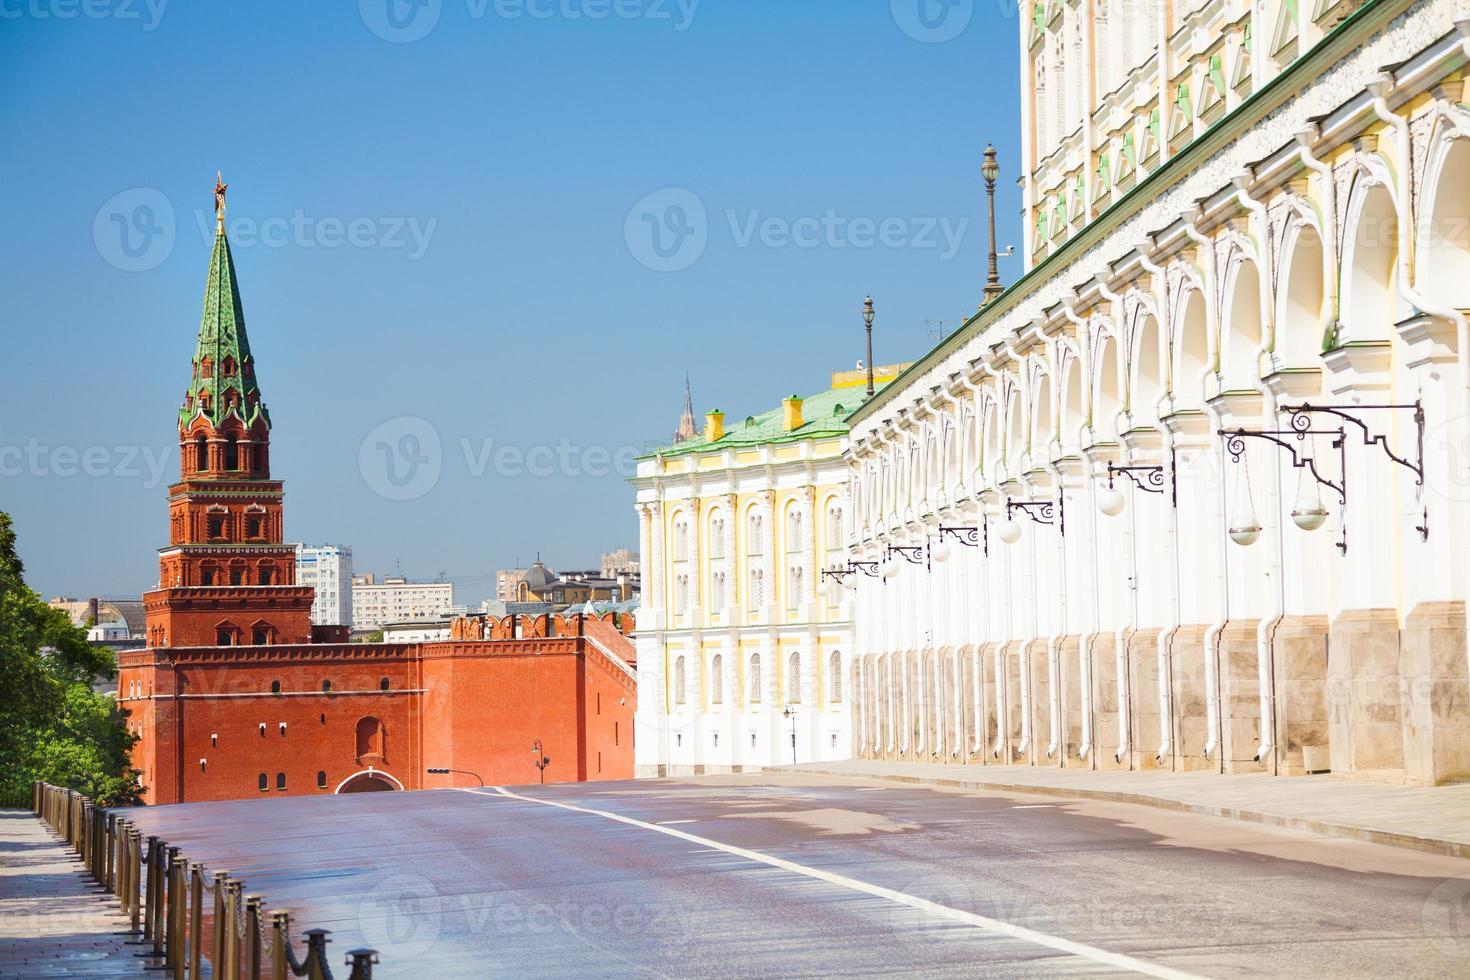 het nauwe uitzicht op de straat met de Borovitskaya-toren foto